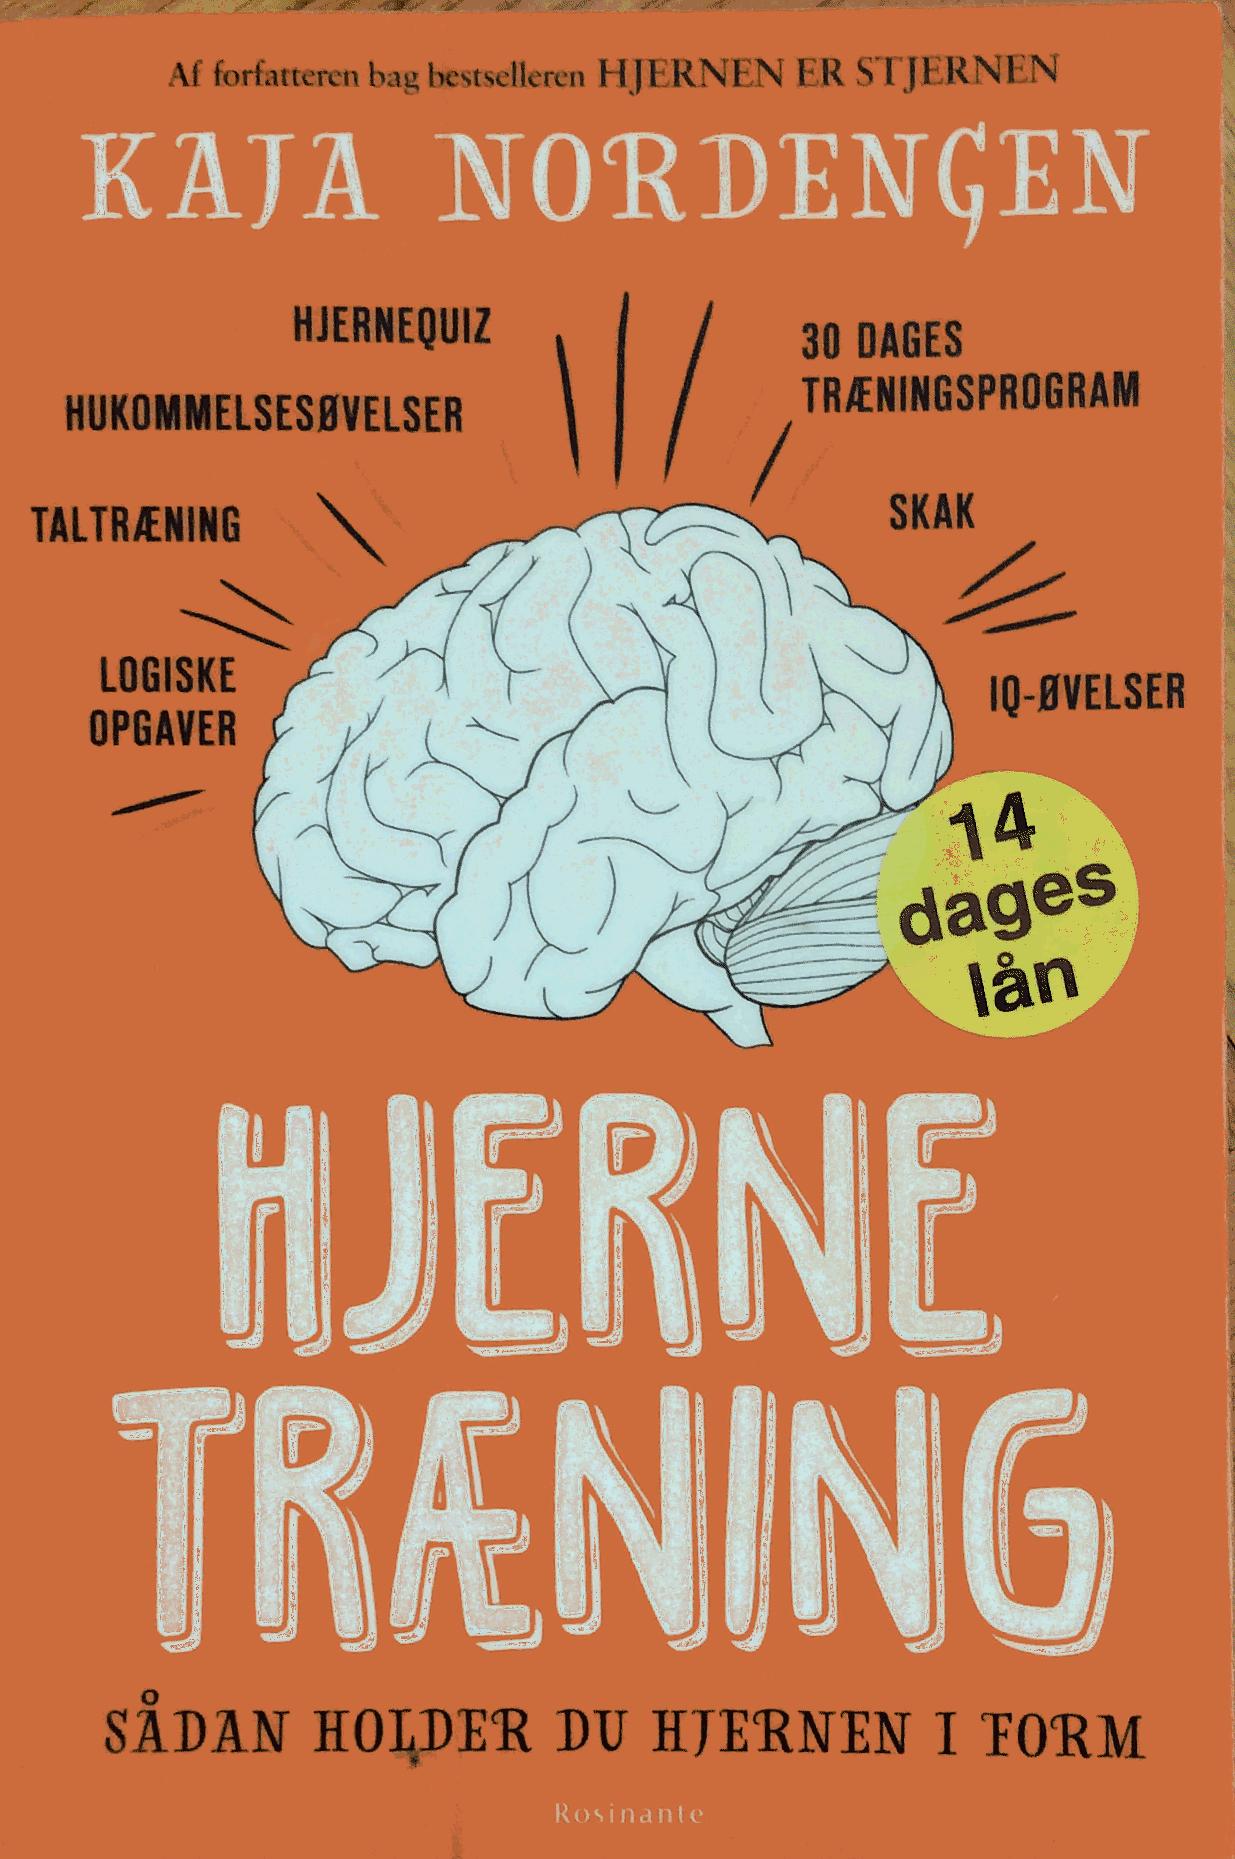 Hjerne træning